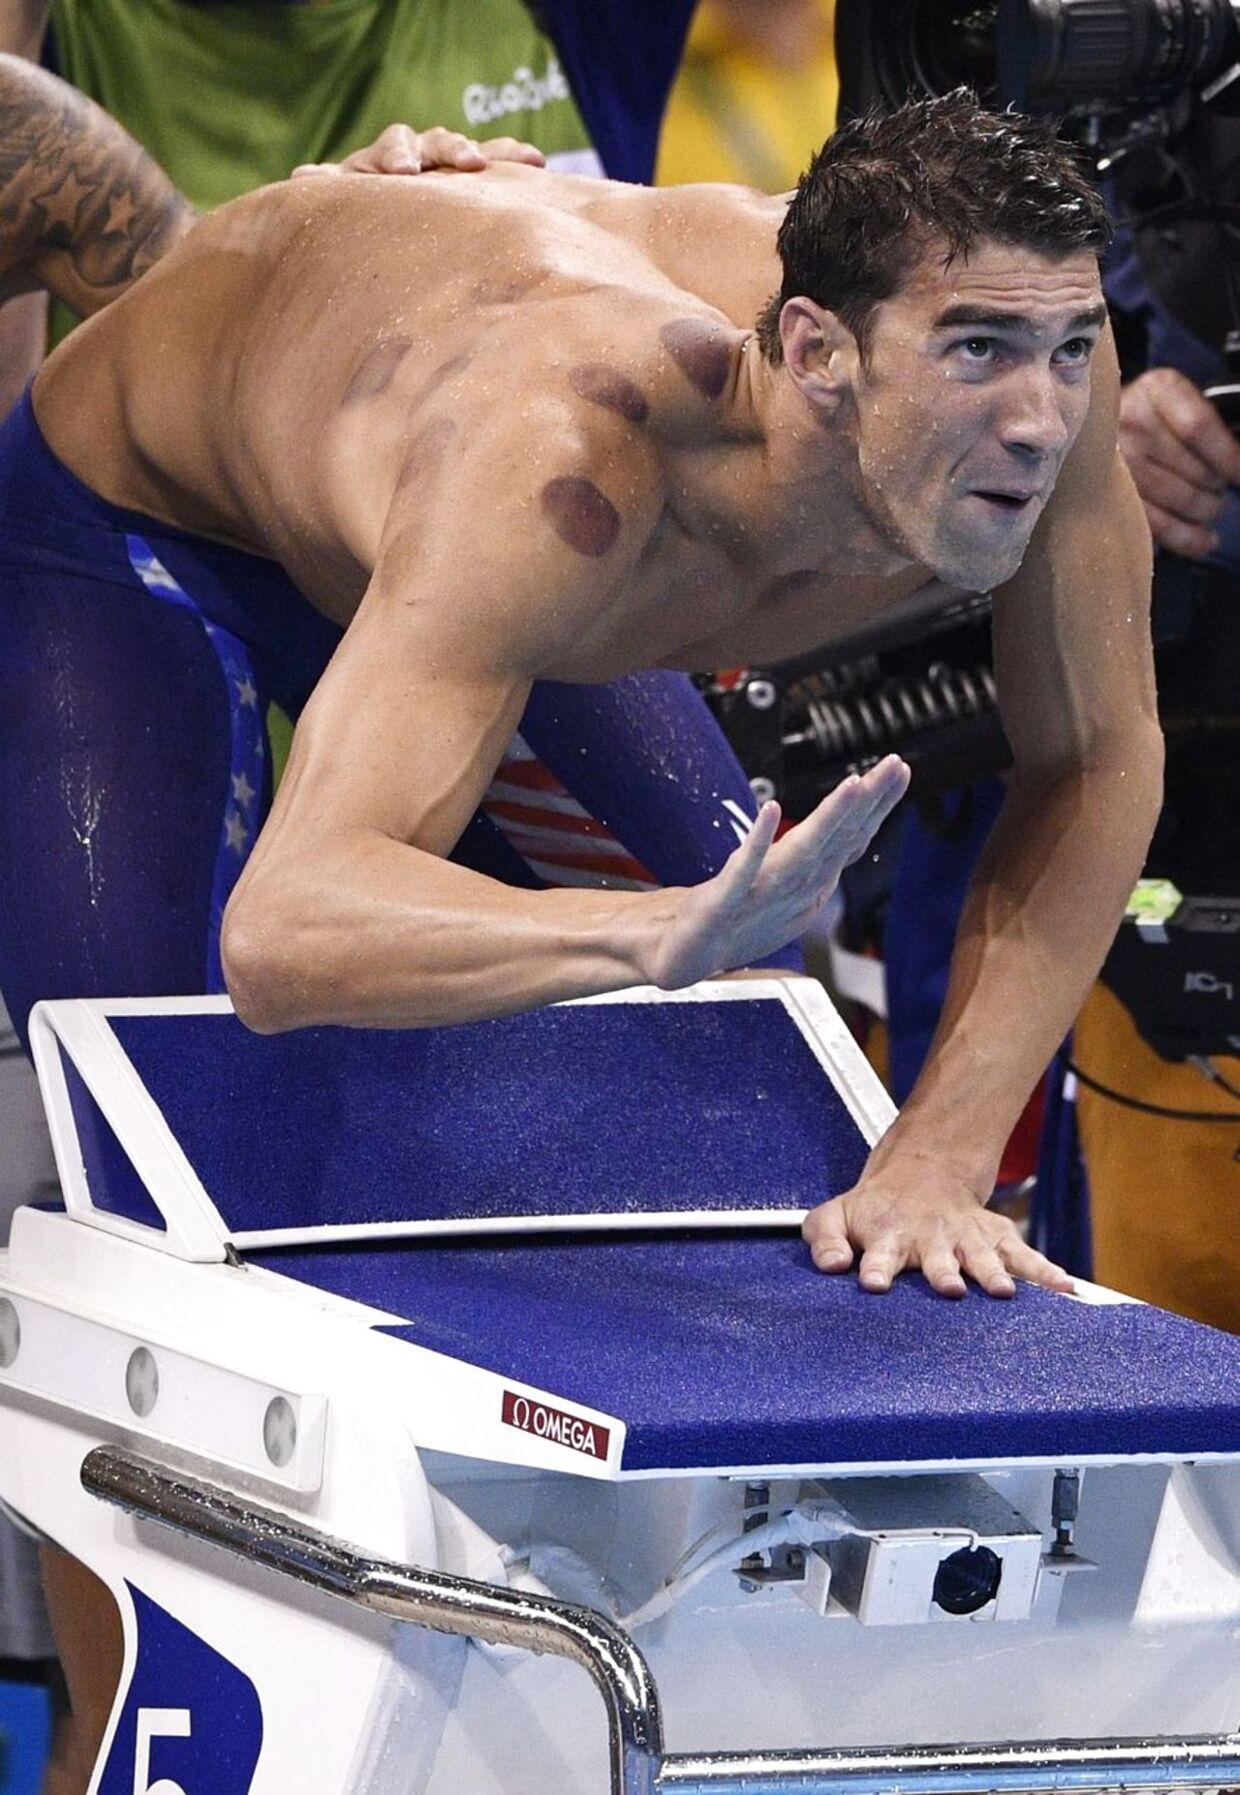 Den amerikanske svømmelegende Michael Phelps har allerede taget sin første guldmedalje ved OL i Rio, men de røde mærker på hans ryg og skulder har fået en del af opmærksomheden.